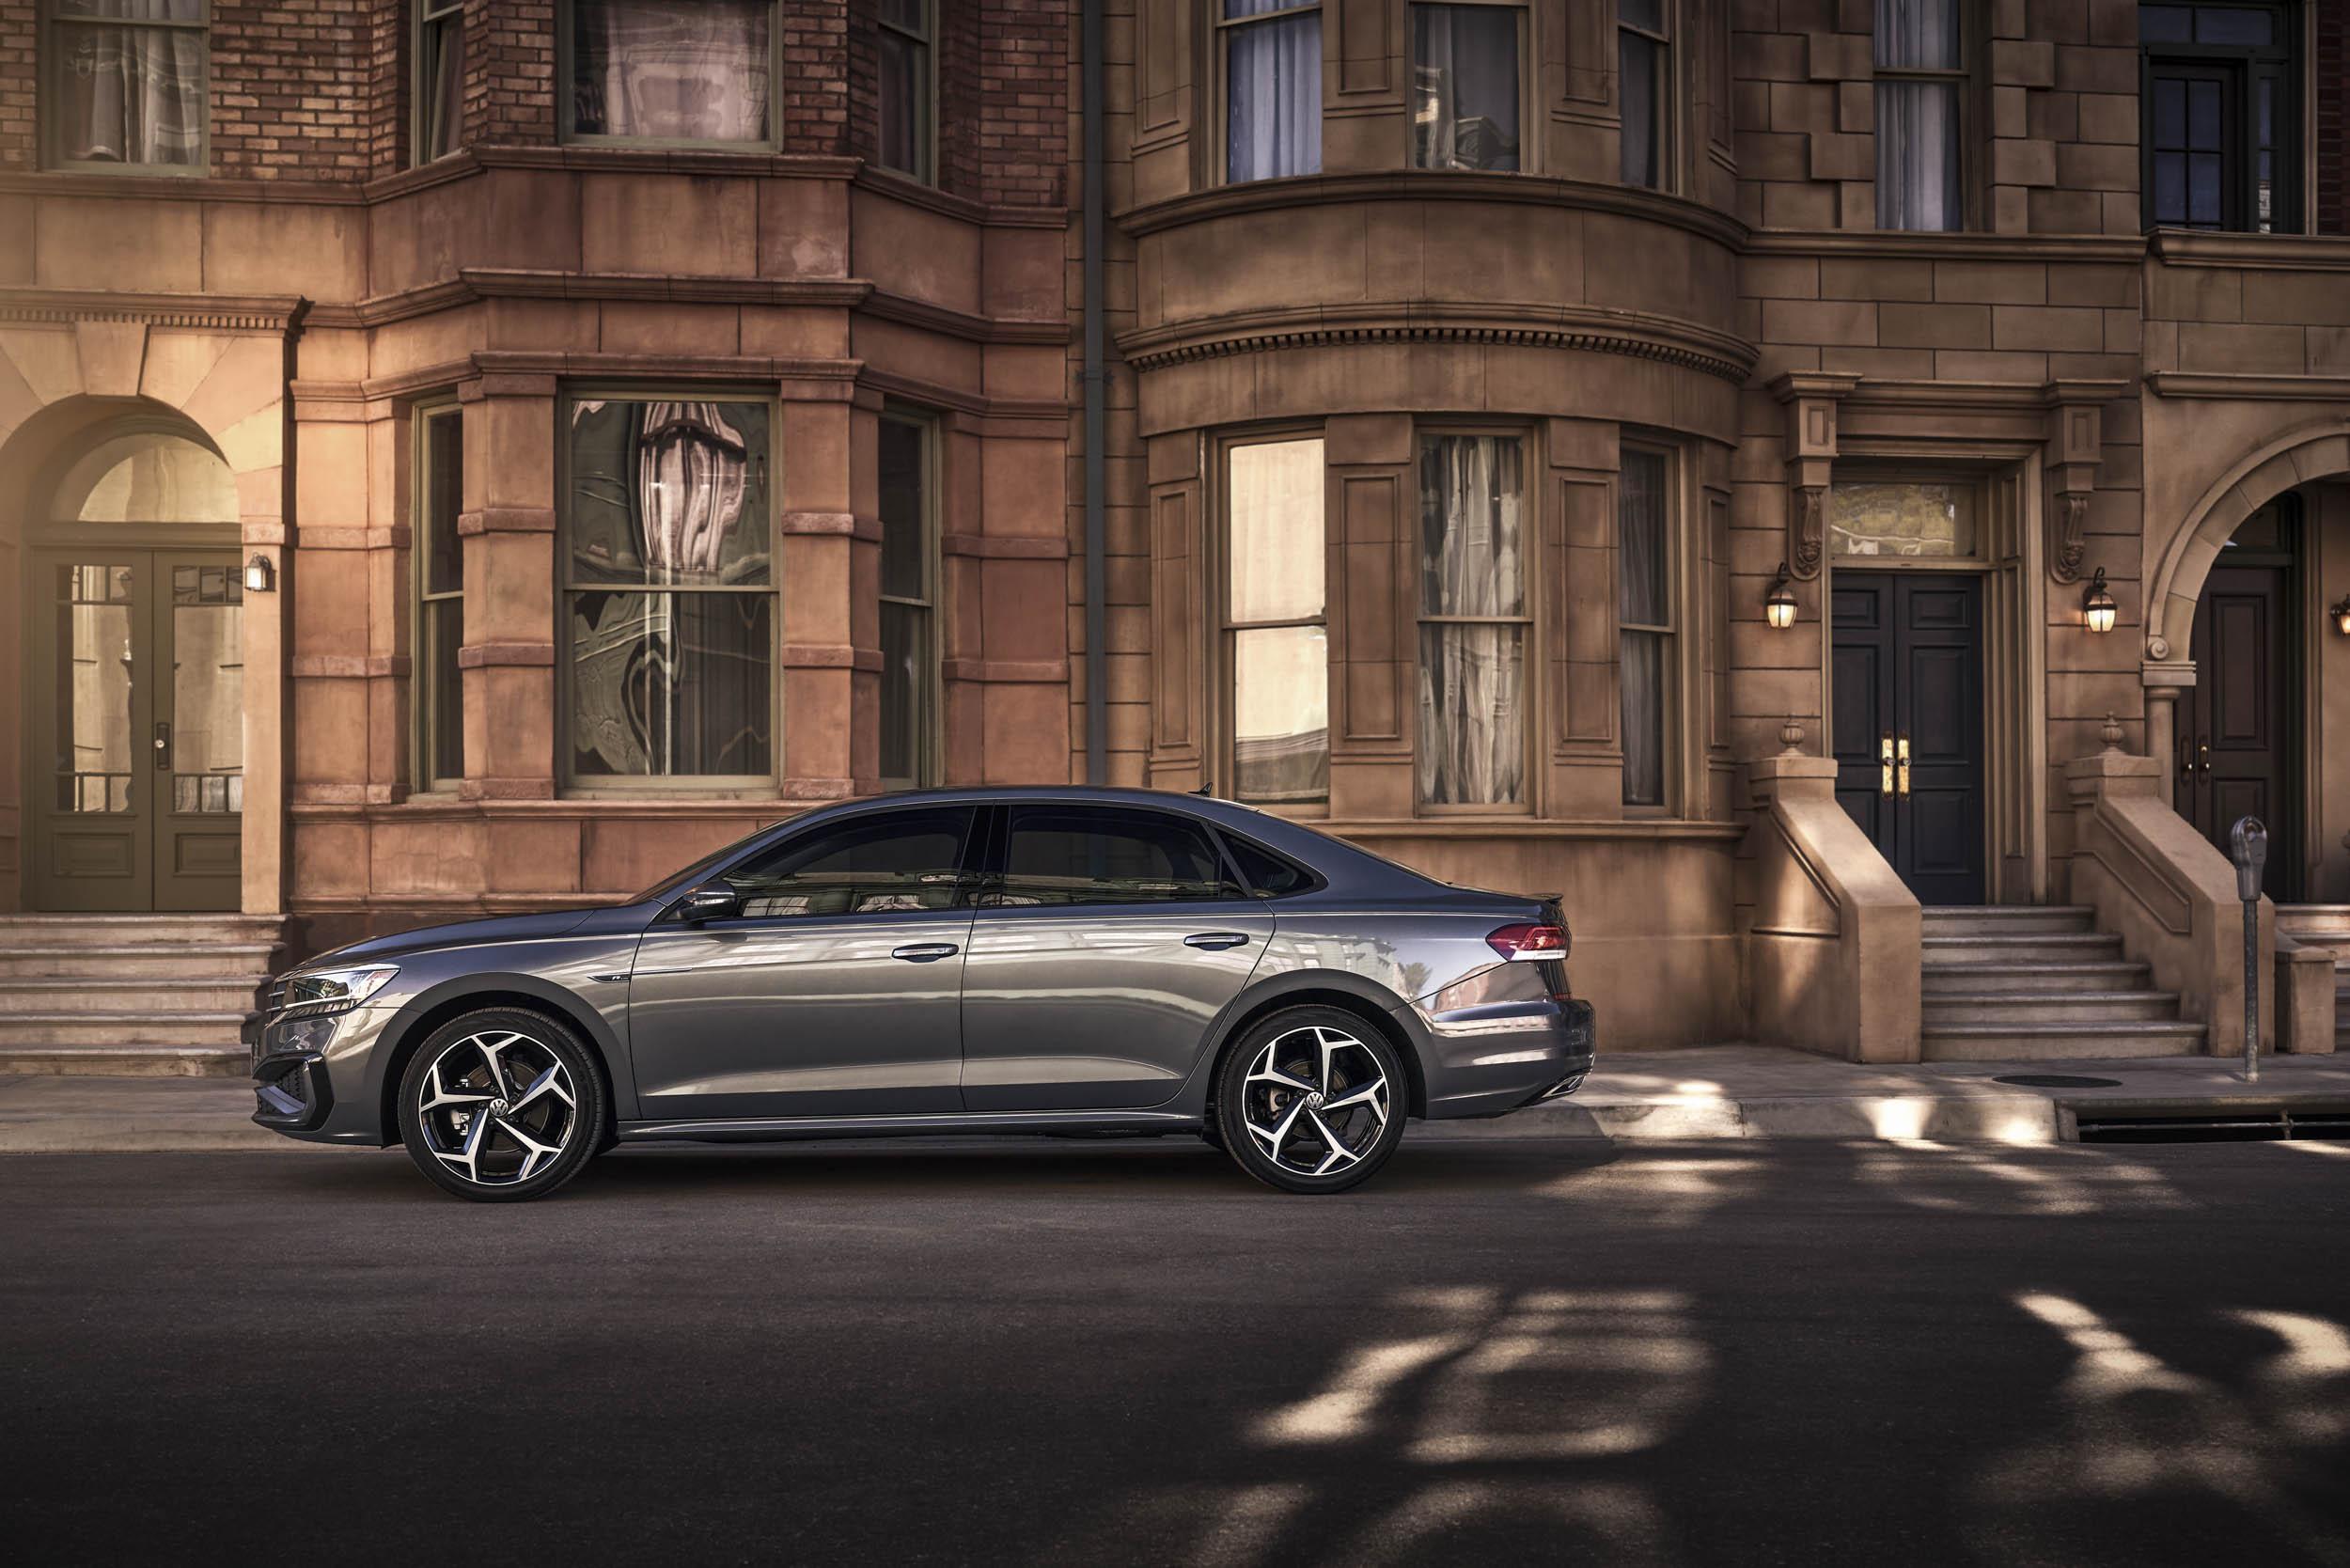 2020 Volkswagen Passat profile